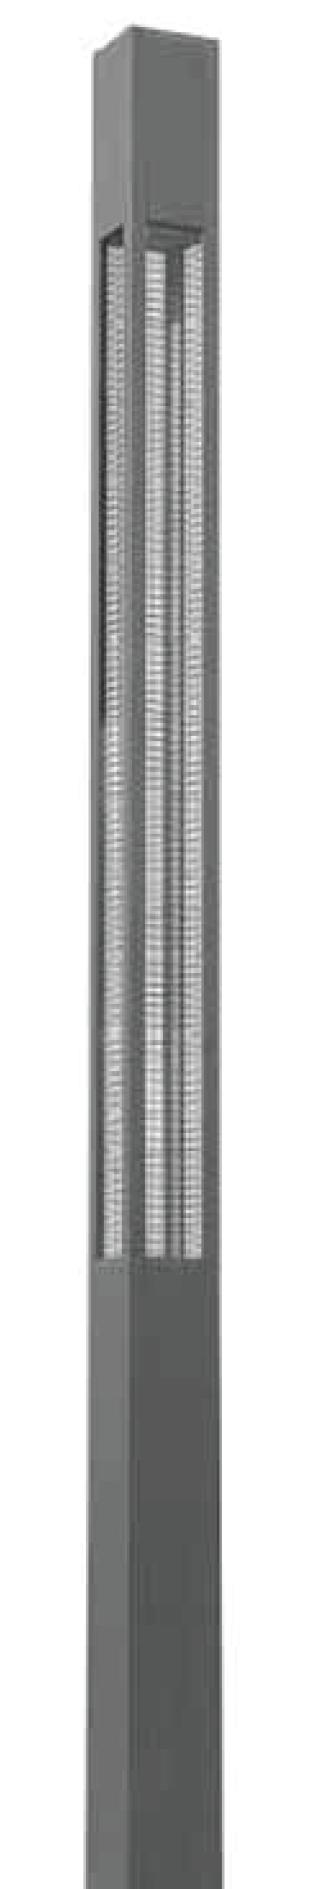 MXGLD-J0902 Image